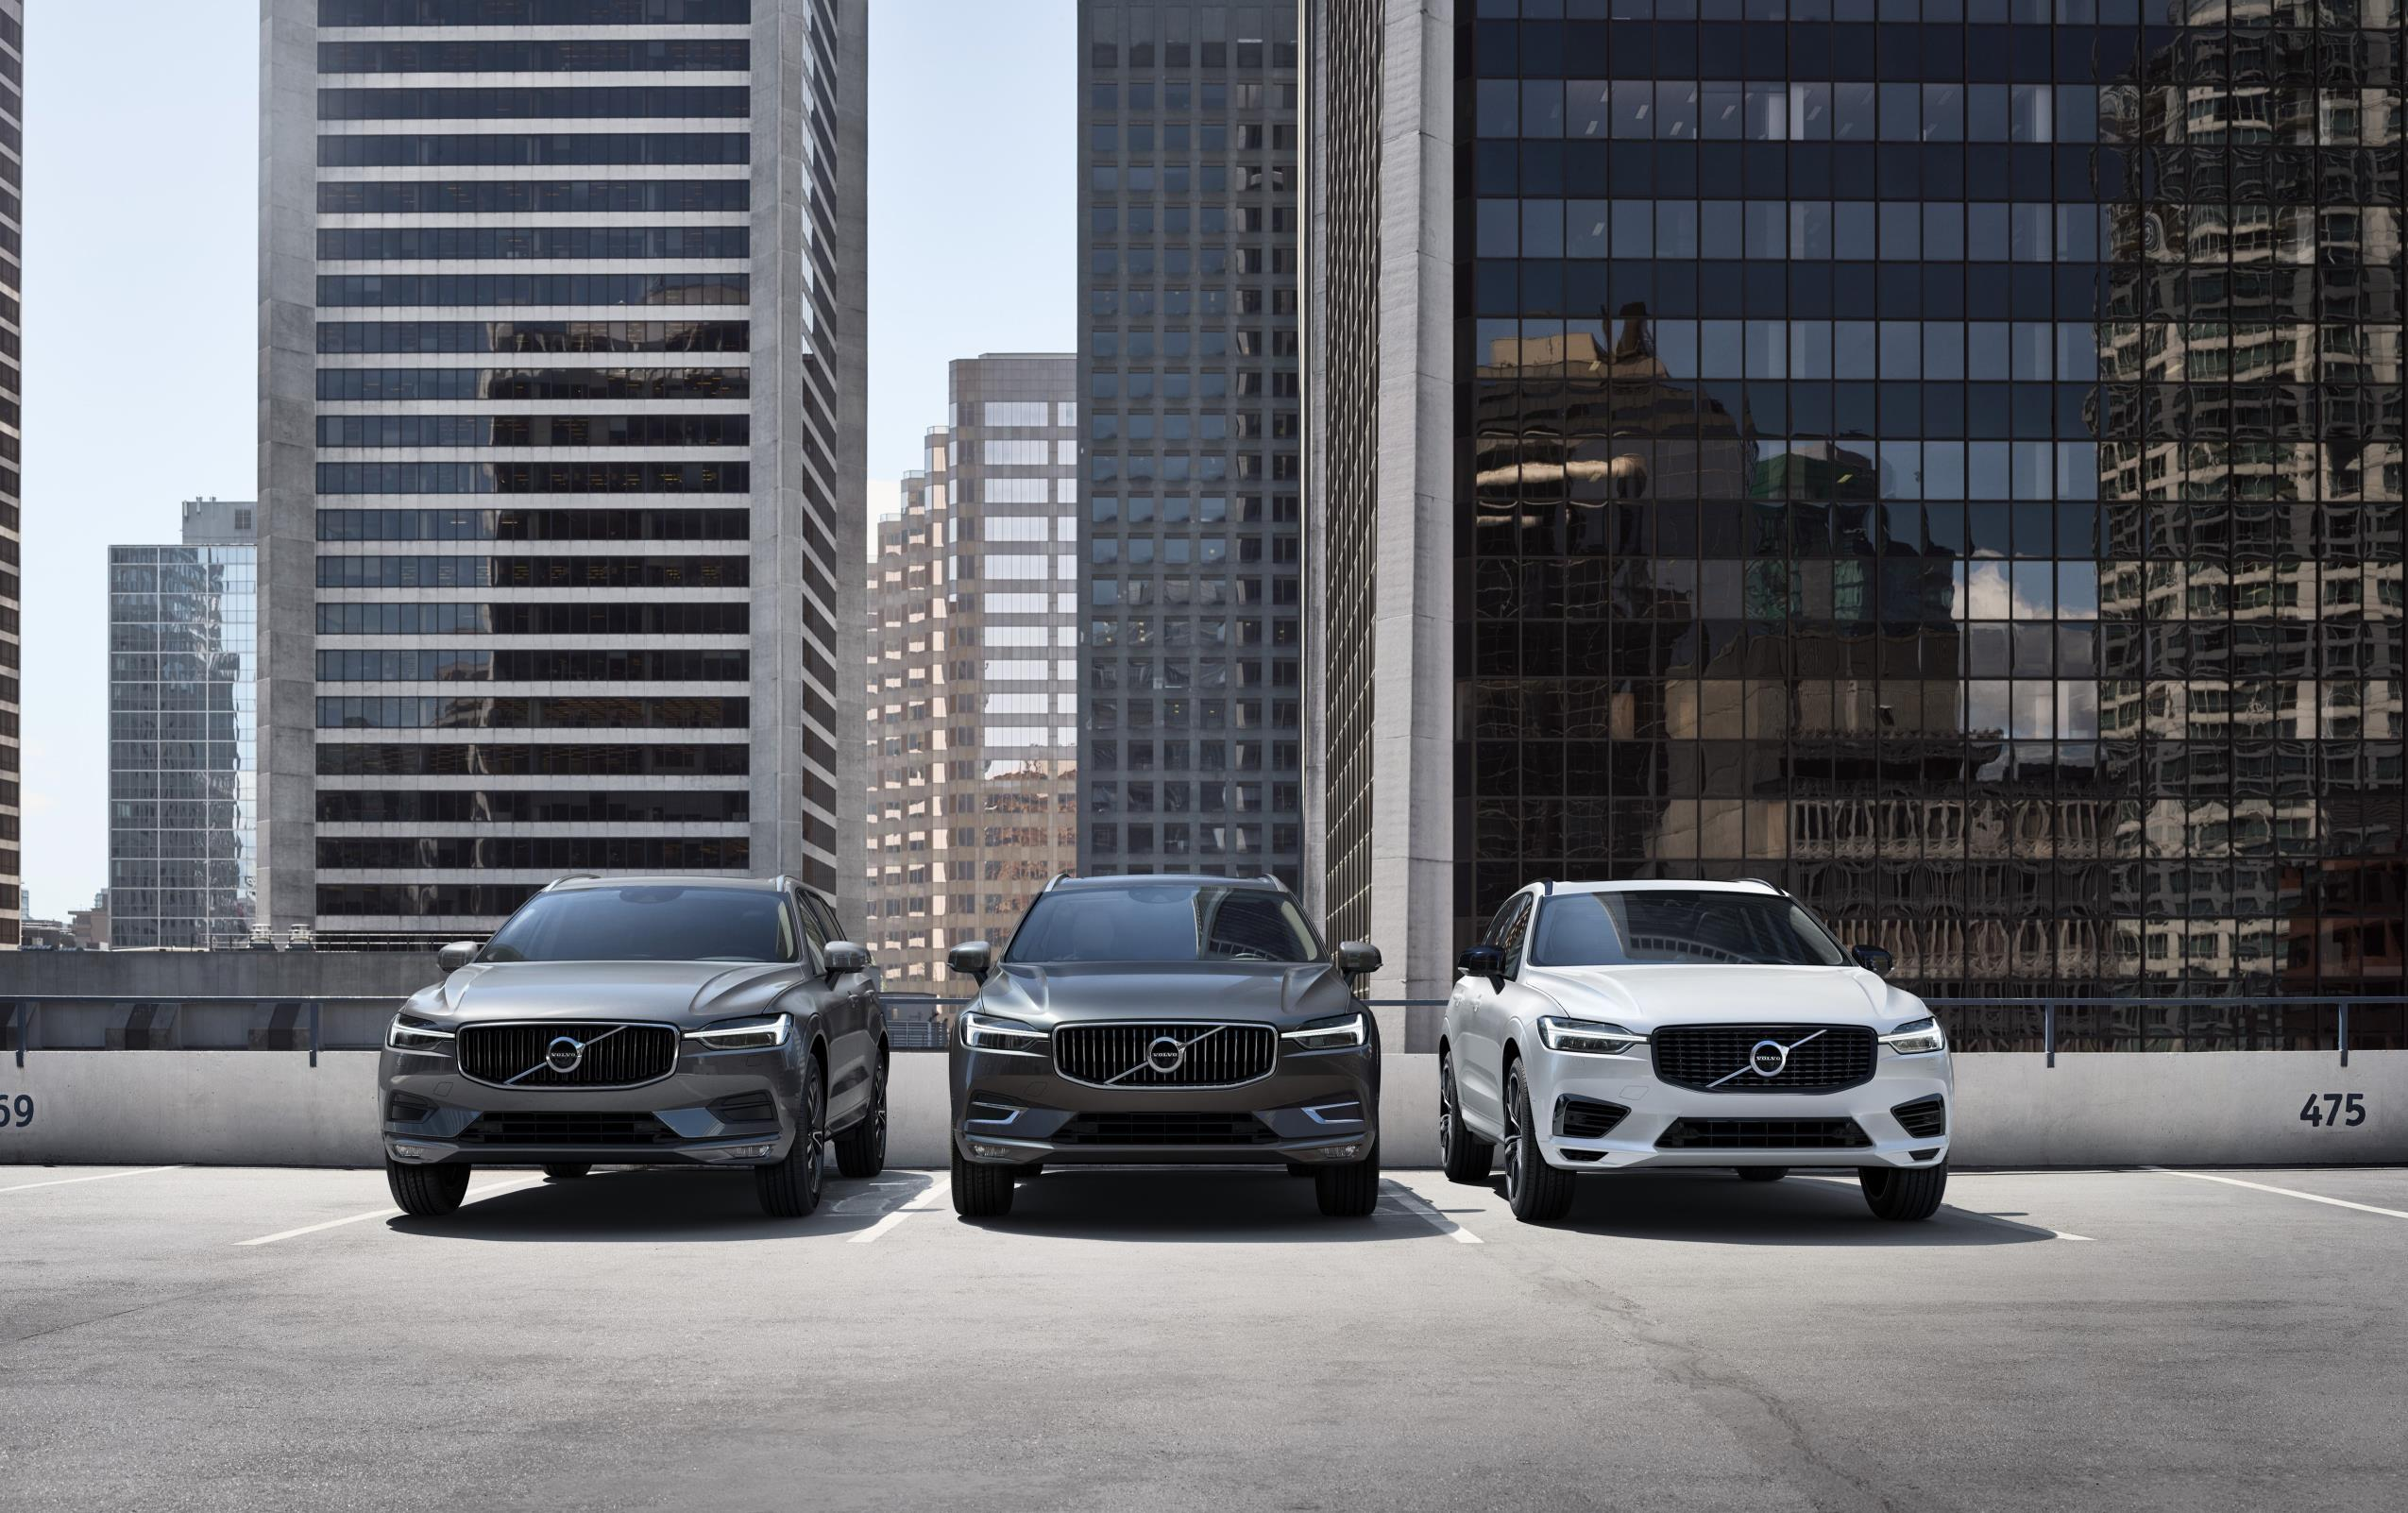 El Volvo XC60 presume de la gama de motores más completa   Actualidad   Motor EL PAÍS